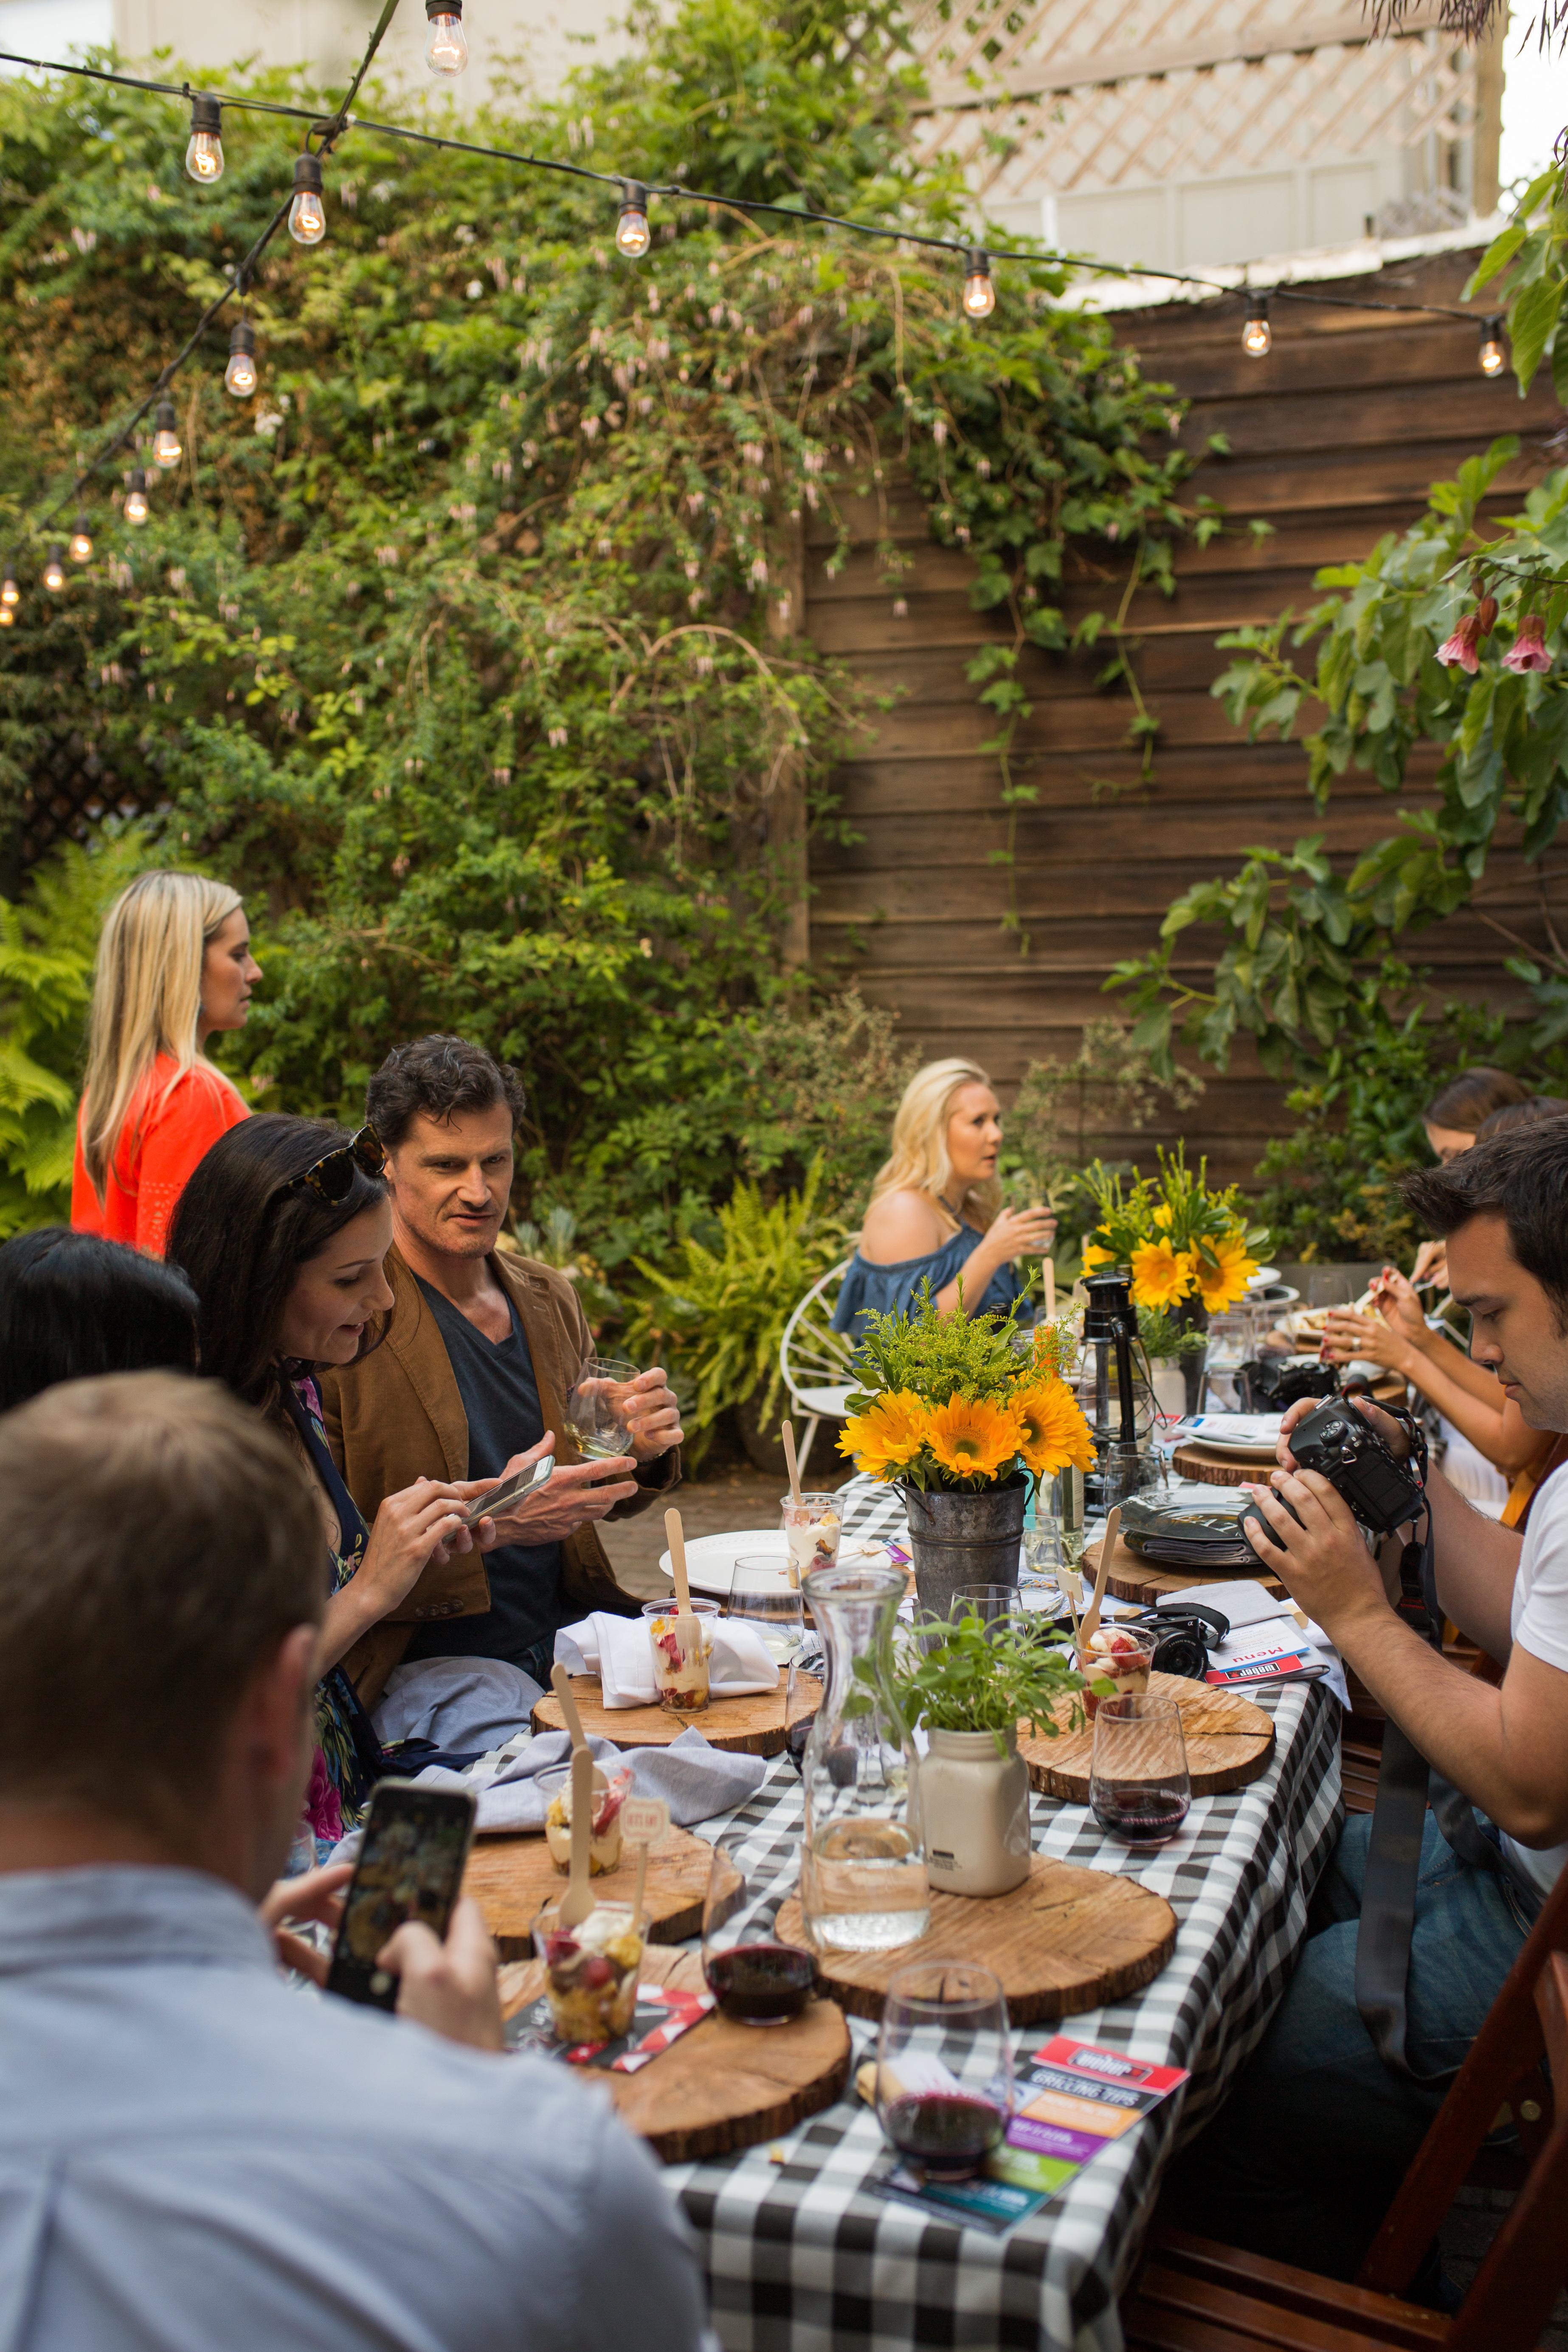 backyard barbecue tablescape